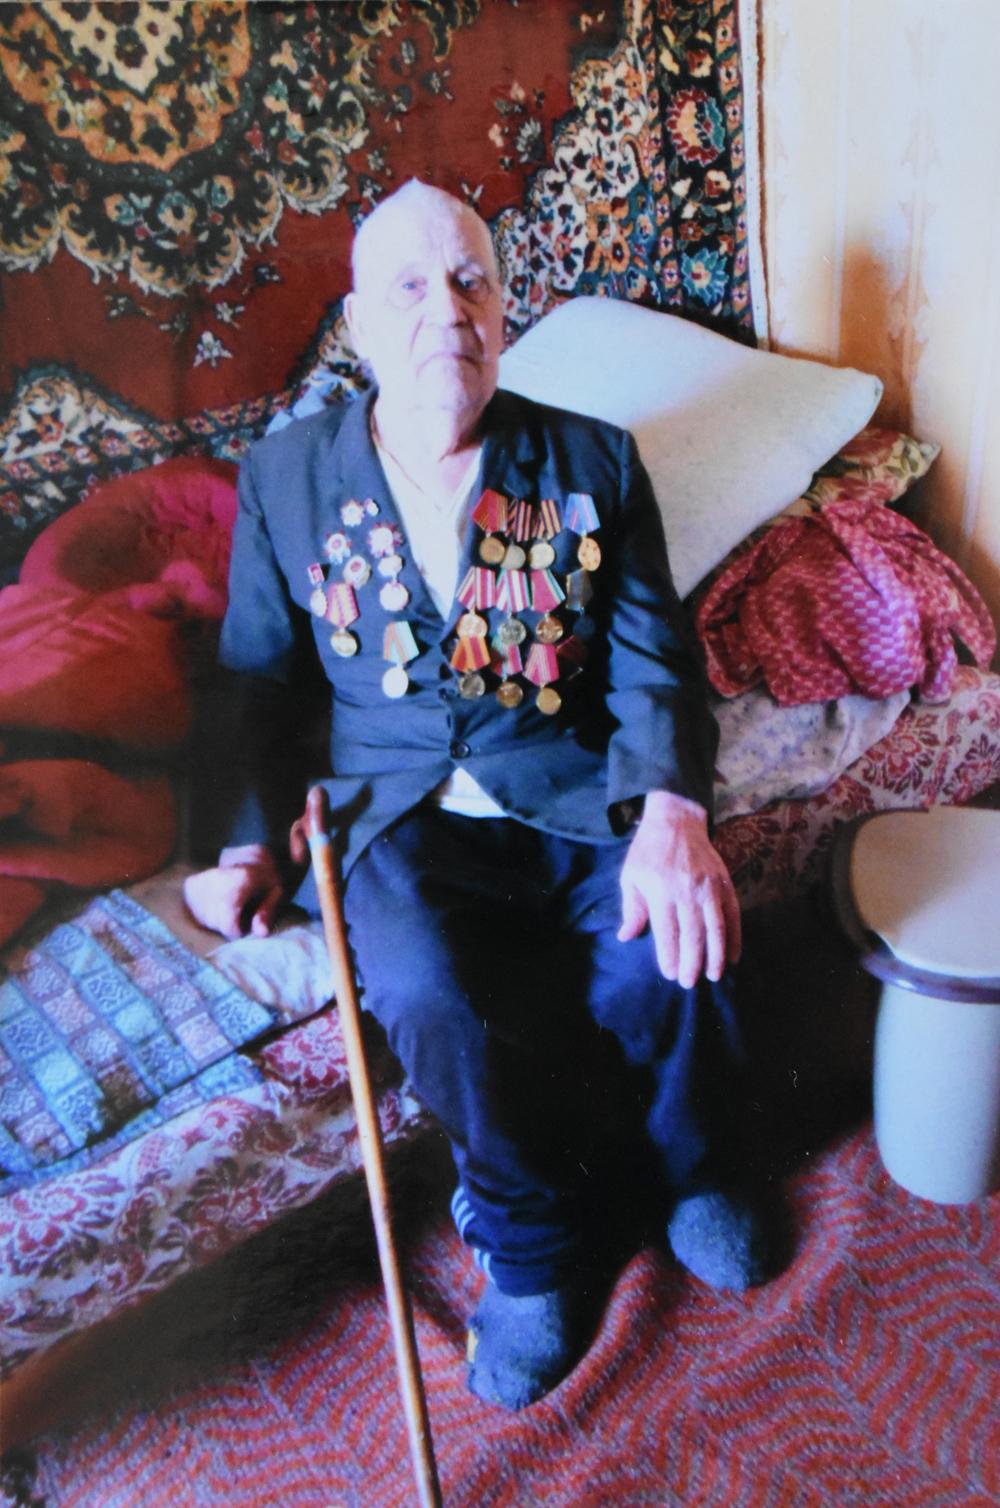 Степан Двужилов, награждённый орденами Отечественной войны первой и второй степени, медалями за храбрость, стойкость и мужество, не теряет надежды, что последняя битва за комфортные условия проживания завершится победой.